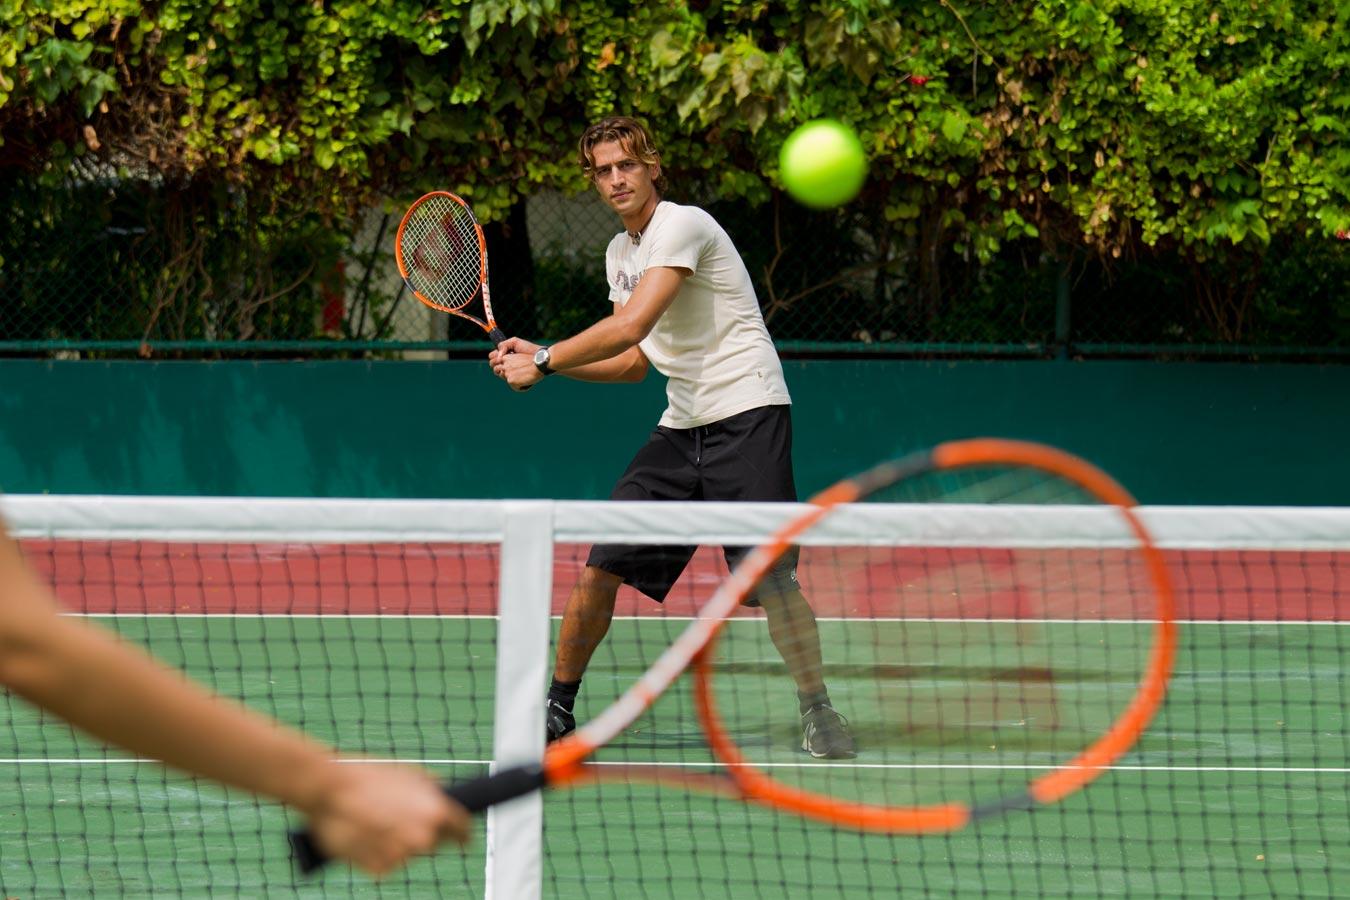 Tennis Courts Image   Kurumba Maldives Resort Tennis Courts Image   Kurumba Maldives Resort